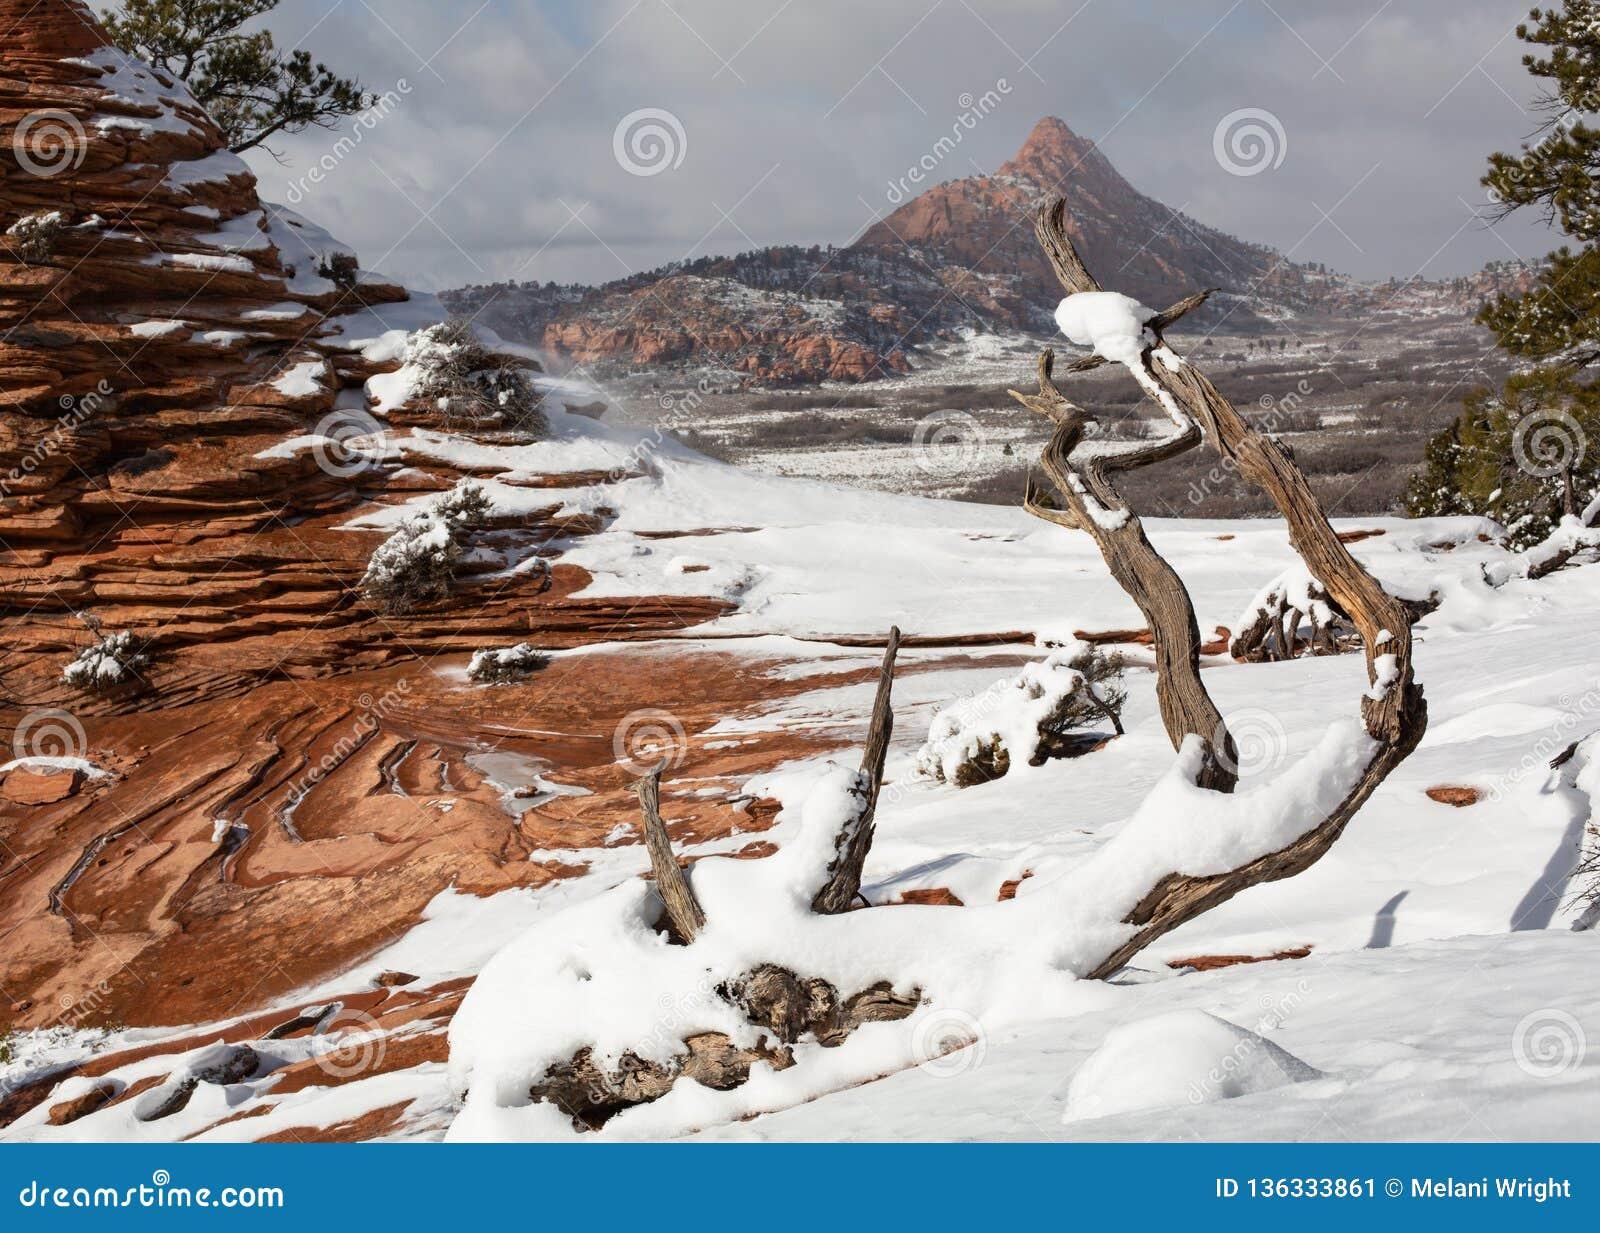 Denna vinterplats har slickrock, windblown snö, deadwood och berg